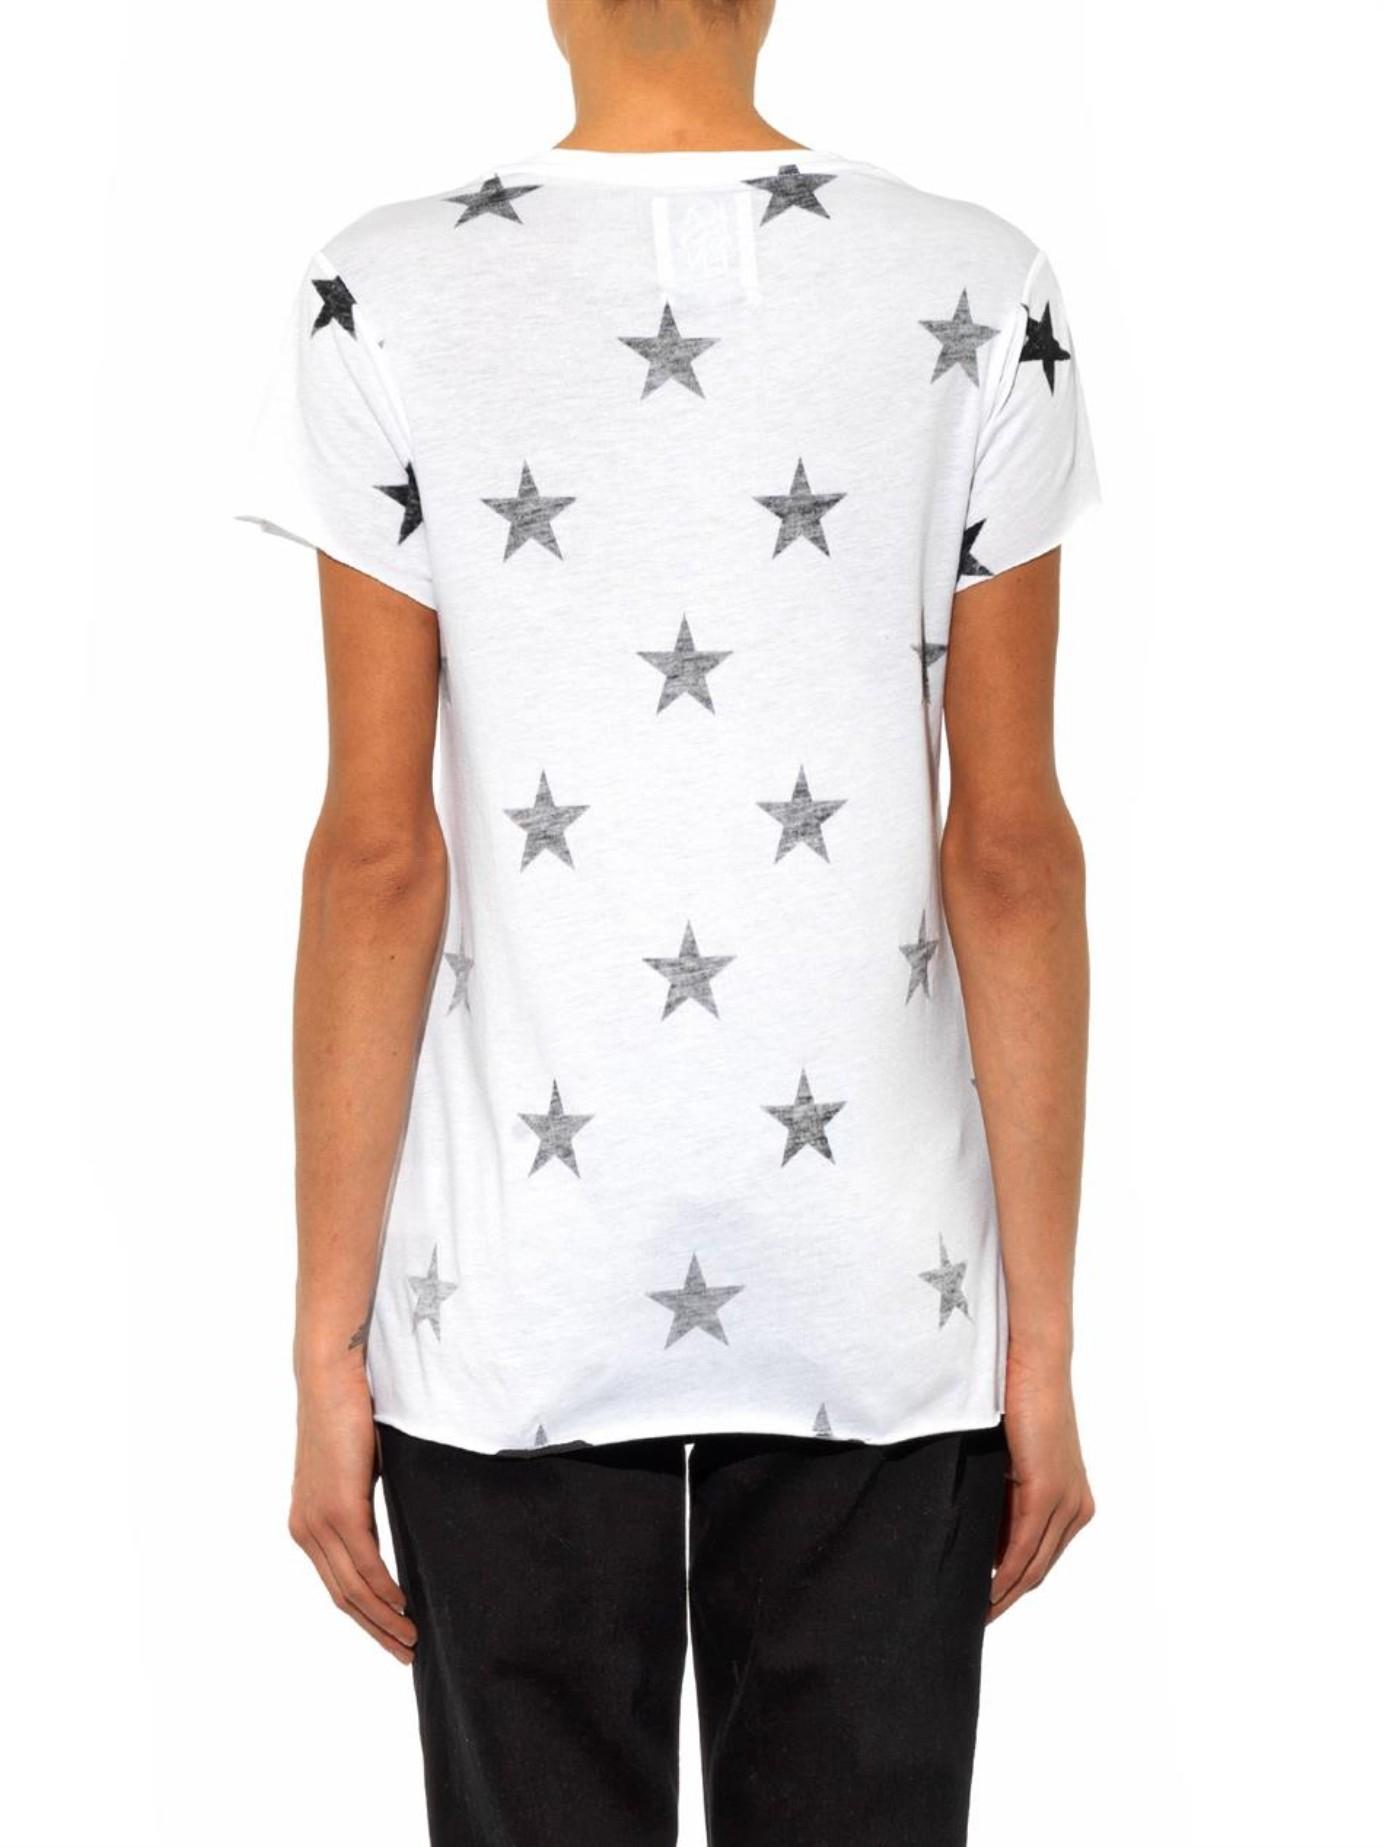 Lyst zoe karssen star print t shirt in white for White t shirt printing